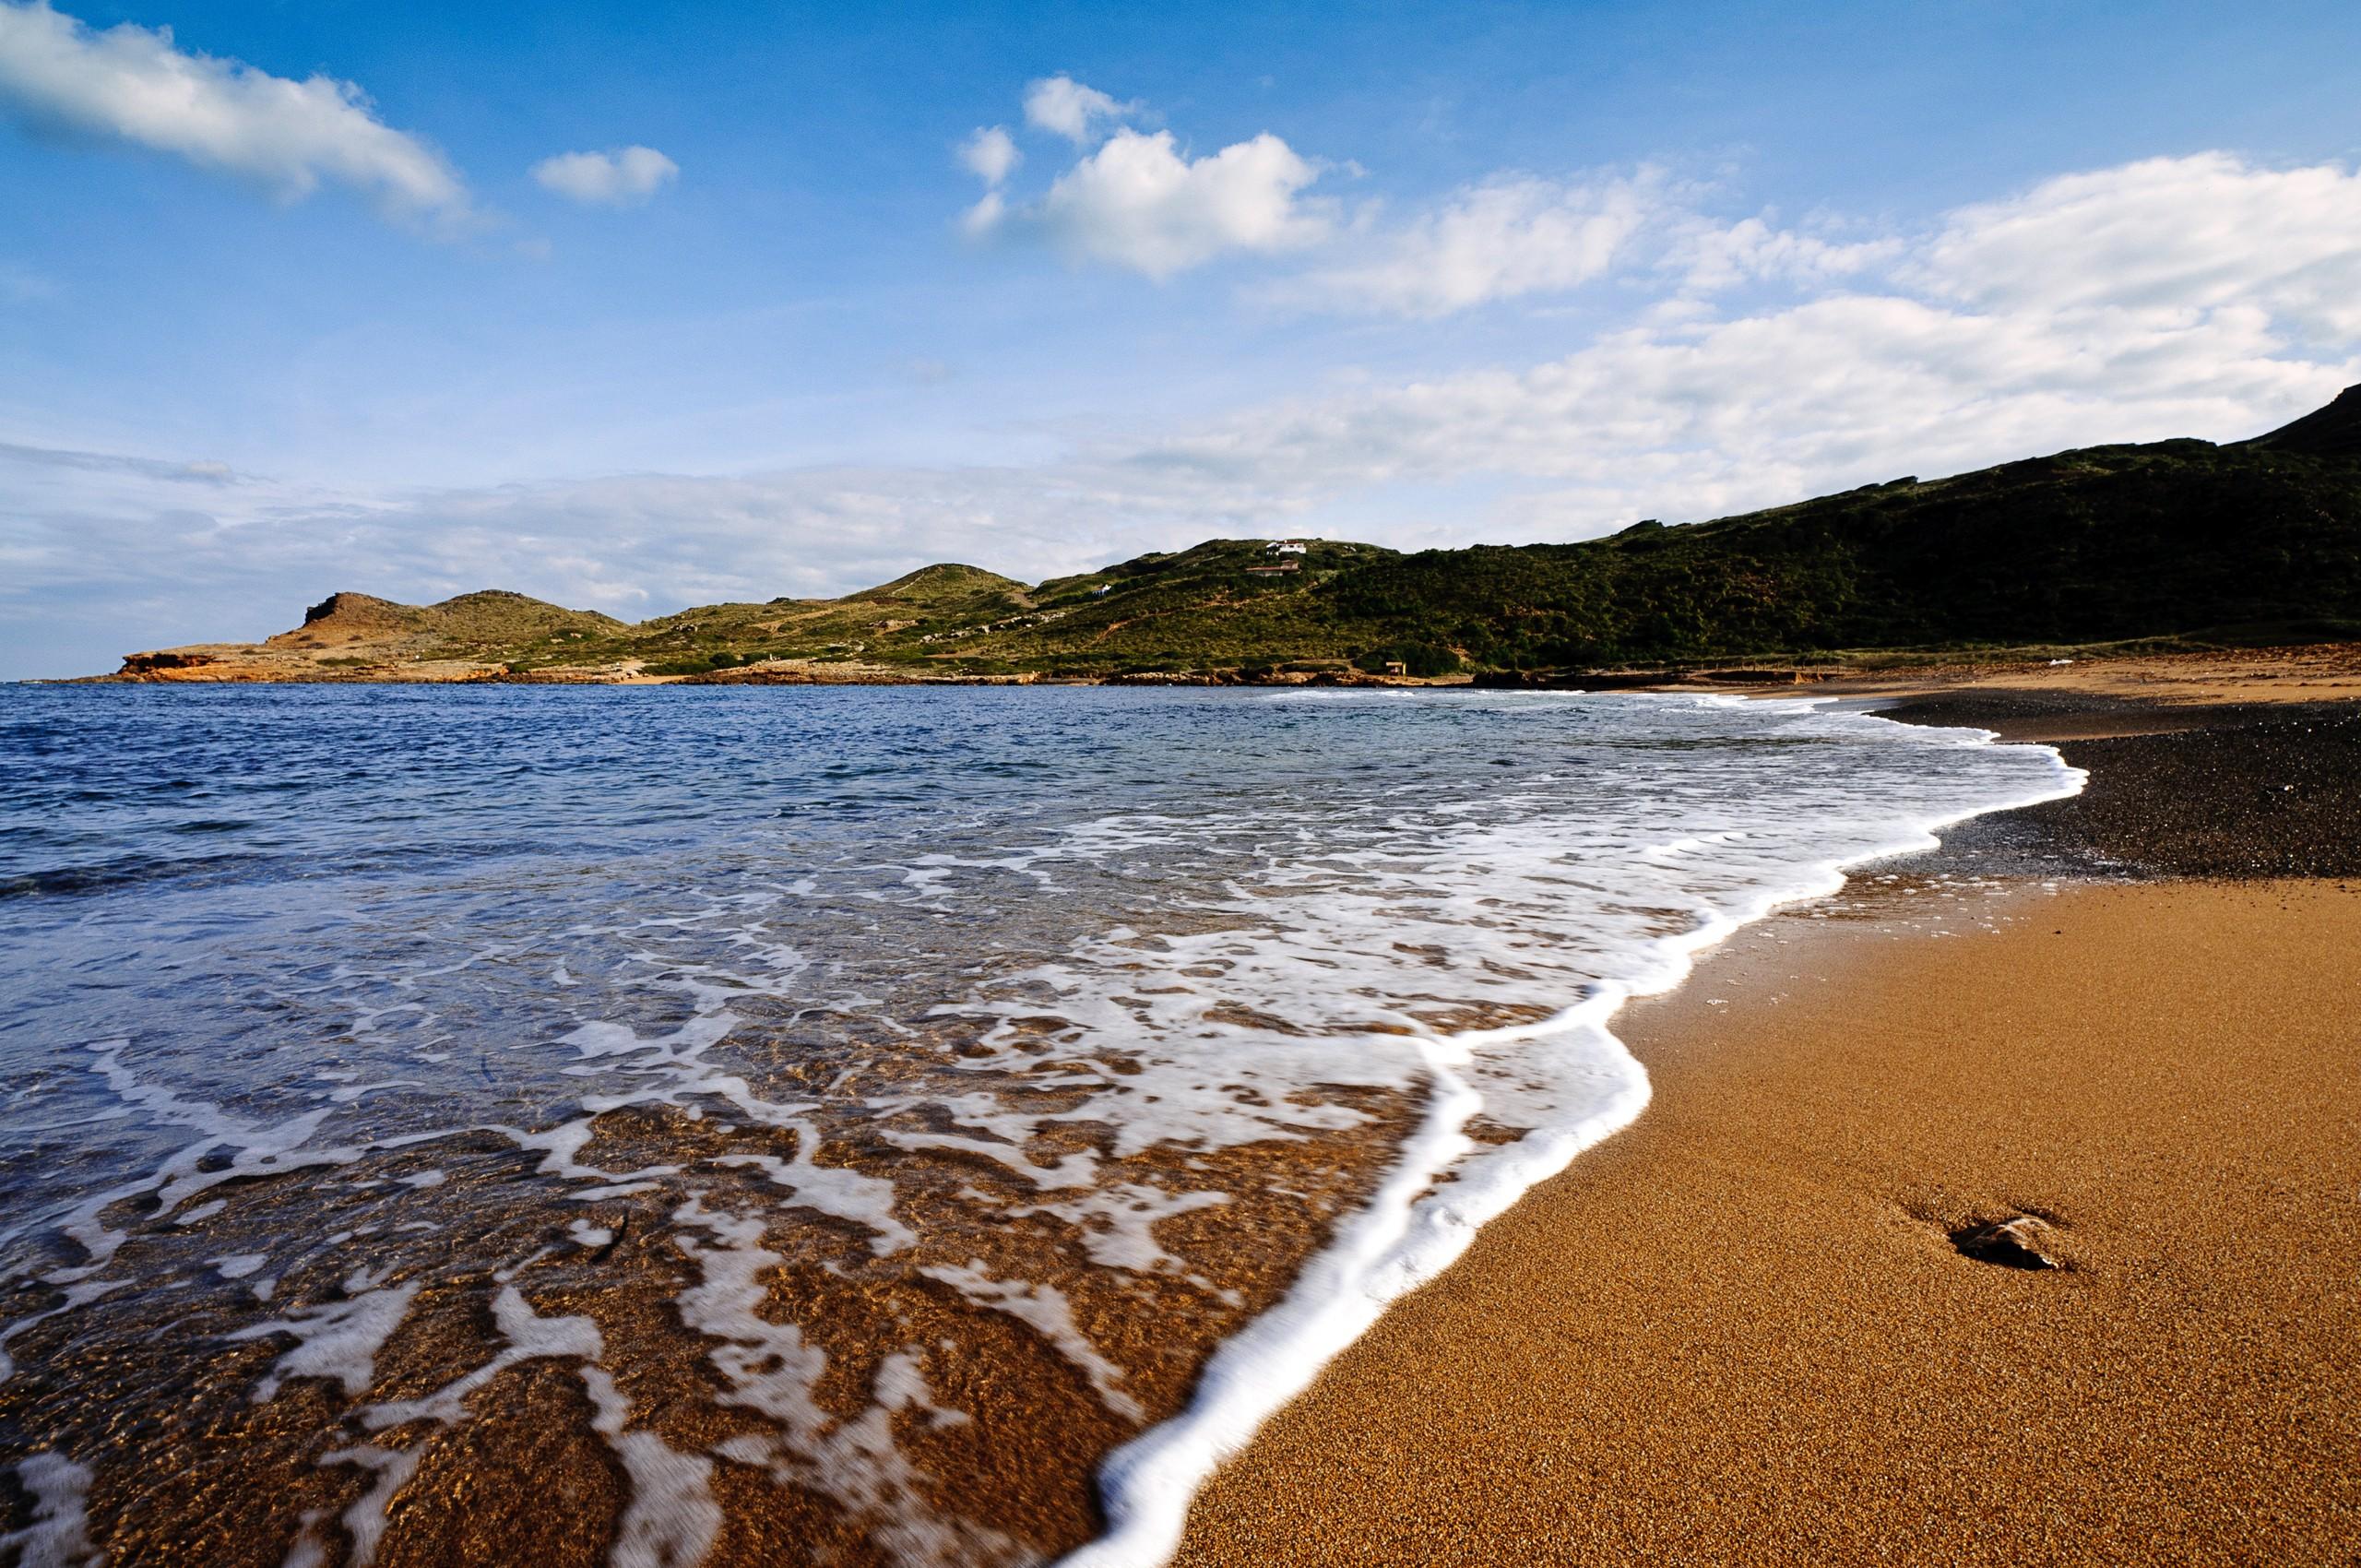 бентамка красивые фото морского побережья всегда по-разномупоэтому надоедаетэто